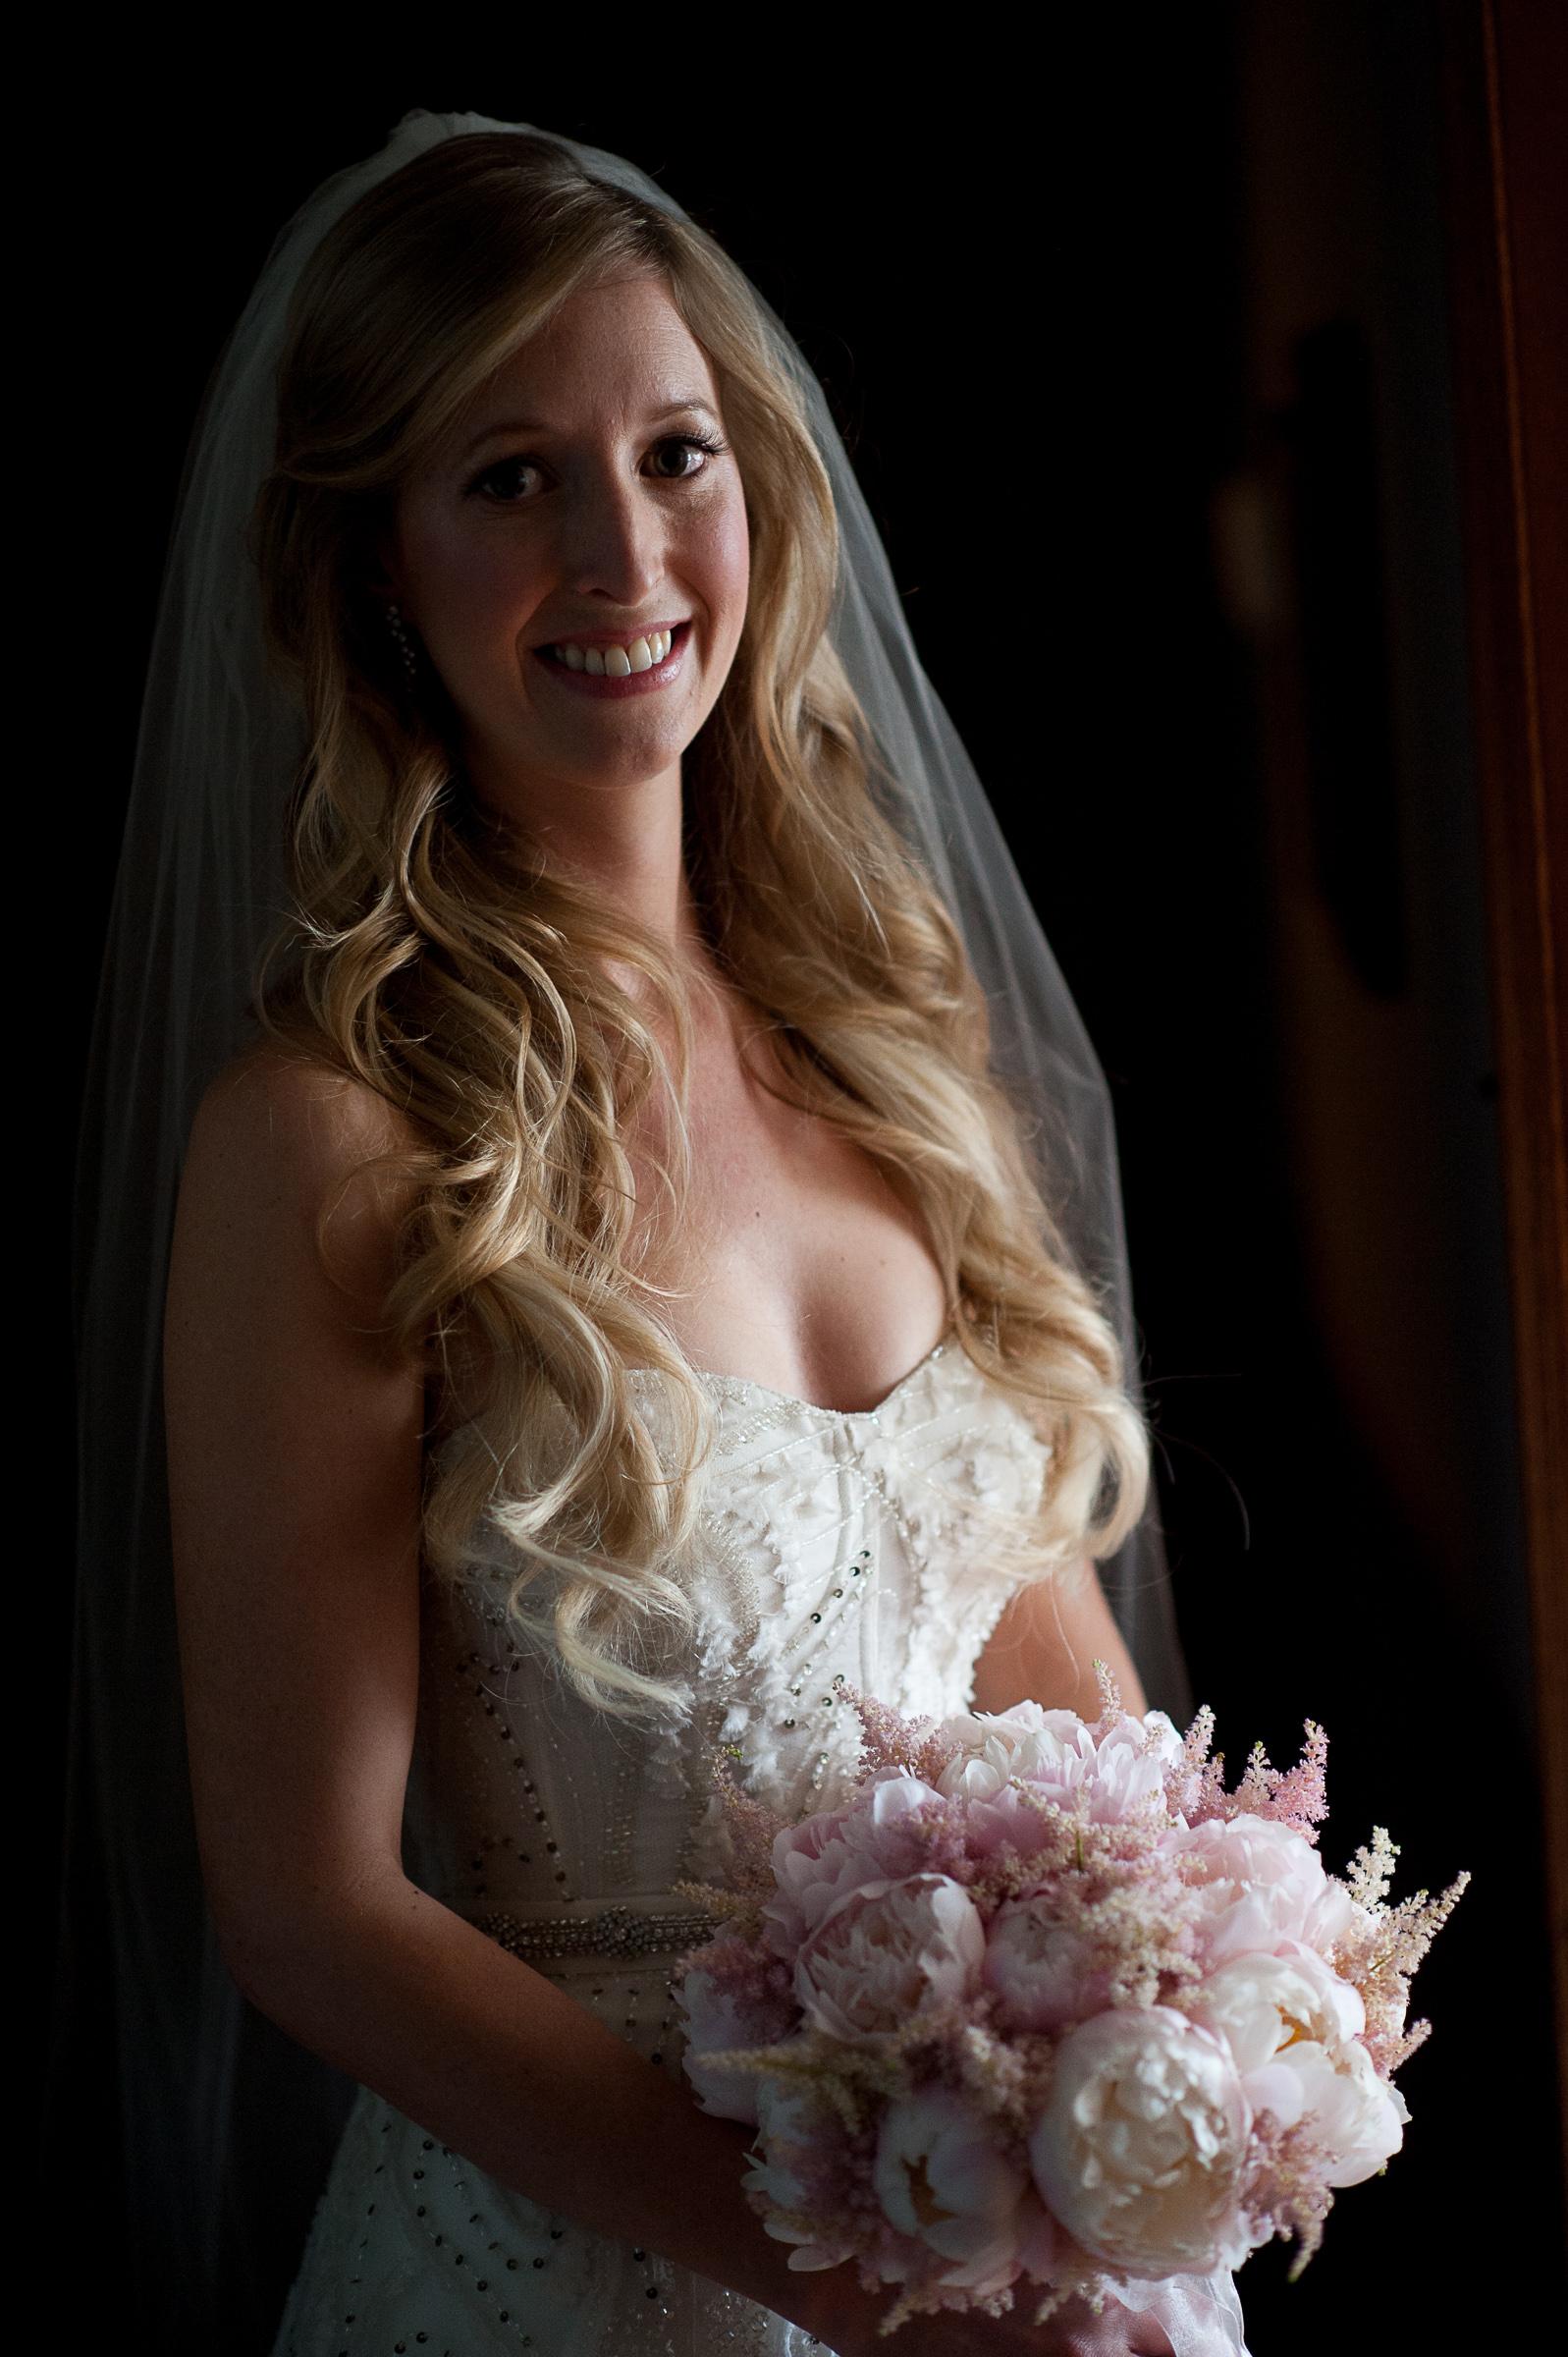 renee-ian-wedding-slideshow-016.jpg